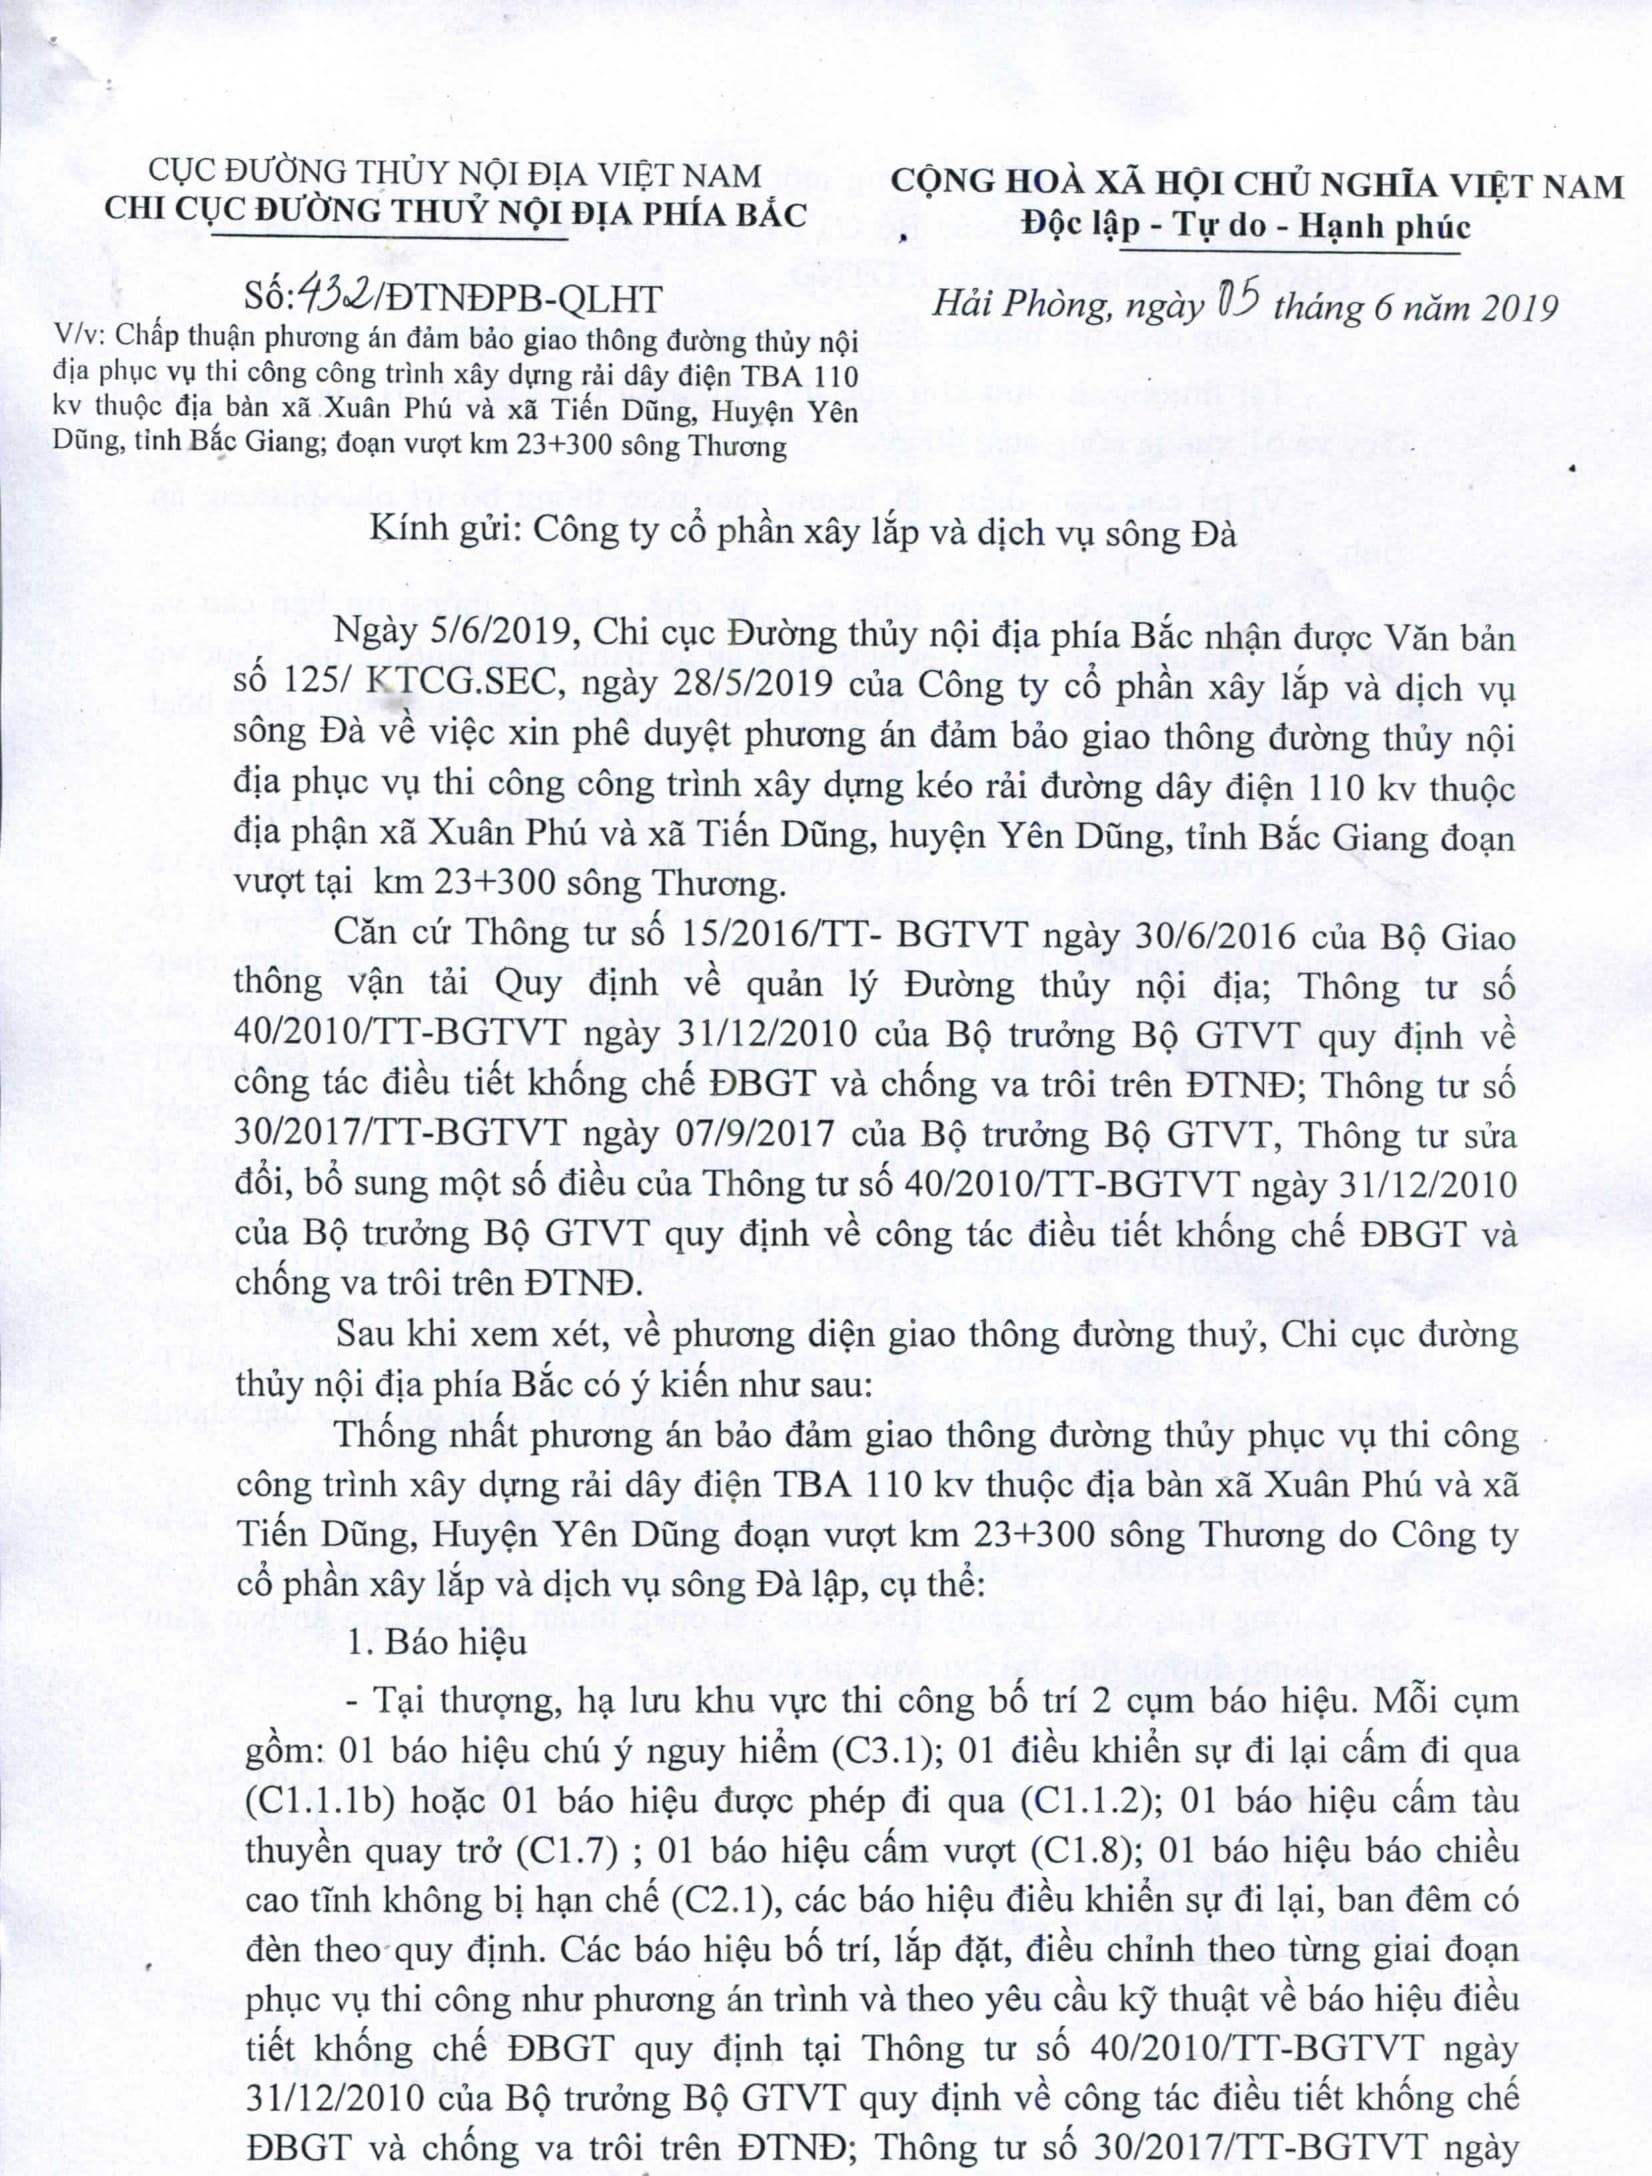 Chấp thuận PA điều tiết bảo đảm GTĐT phục vụ thi công xây dựng rải dây điện TBA 110 kv thuộc địa bàn xã Xuân Phú, Yên Dũng, Bắc Giang.